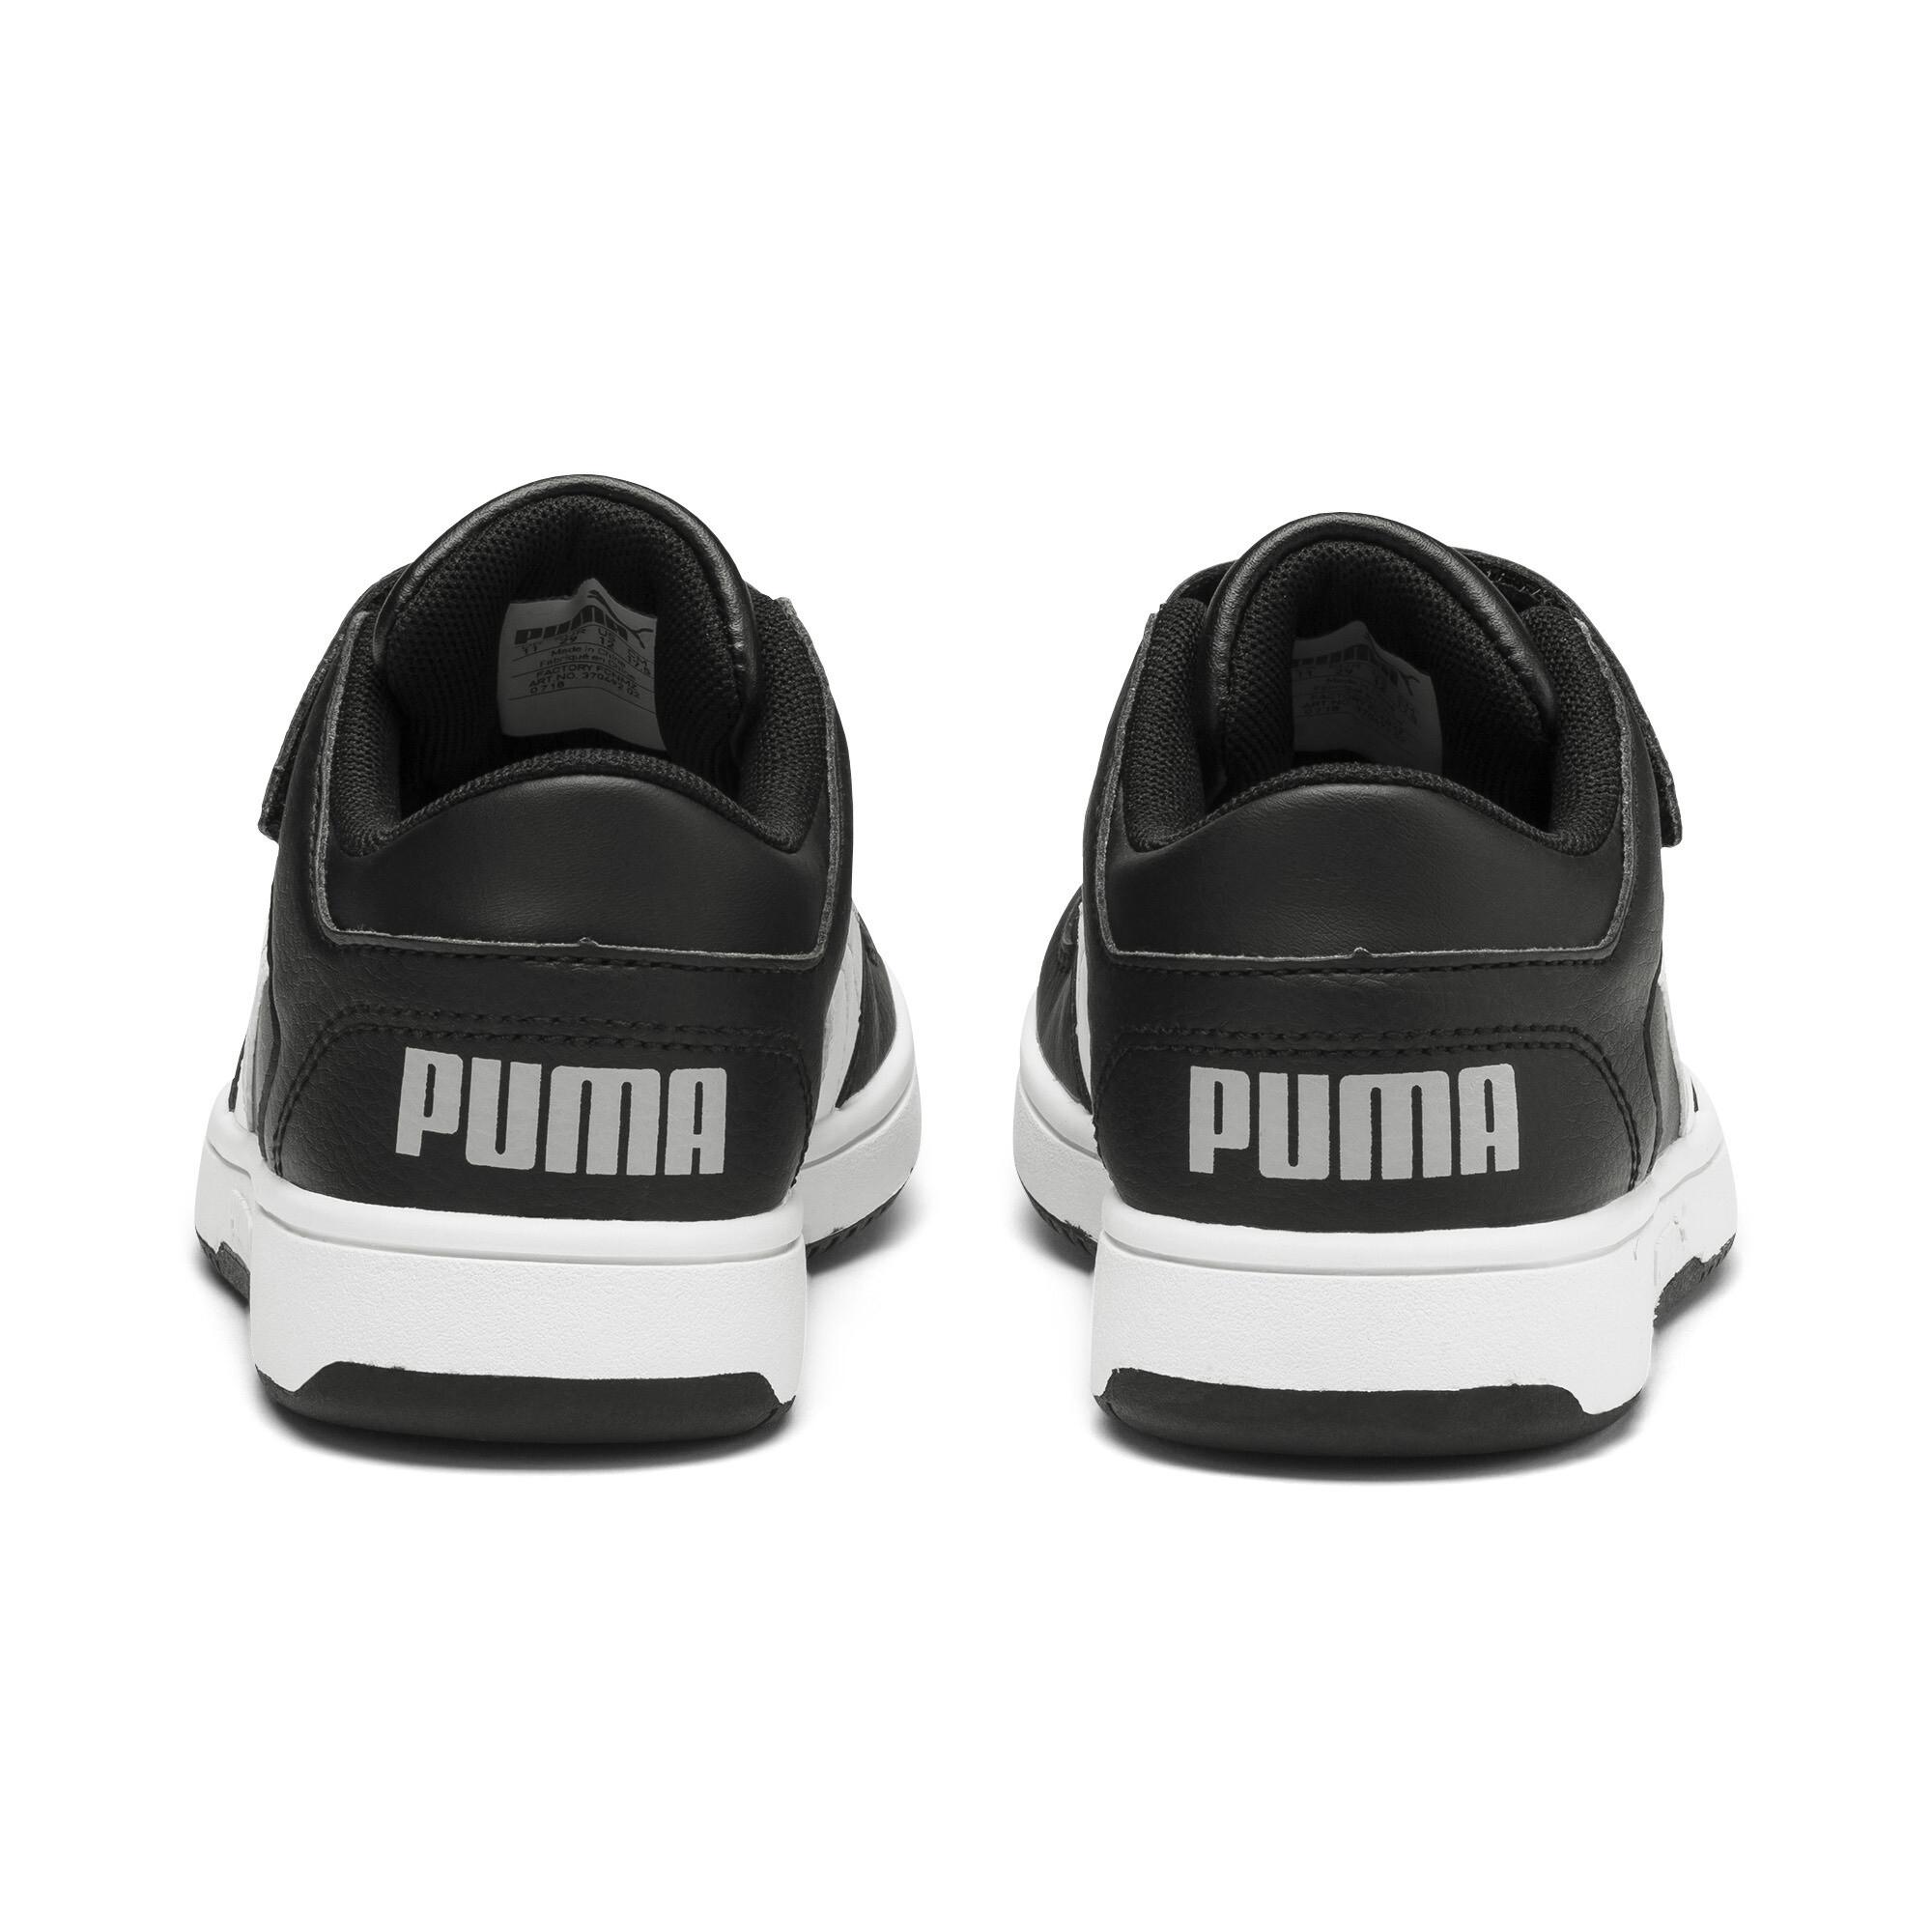 PUMA-PUMA-Rebound-LayUp-Lo-Little-Kids-039-Shoes-Boys-Shoe-Kids thumbnail 3